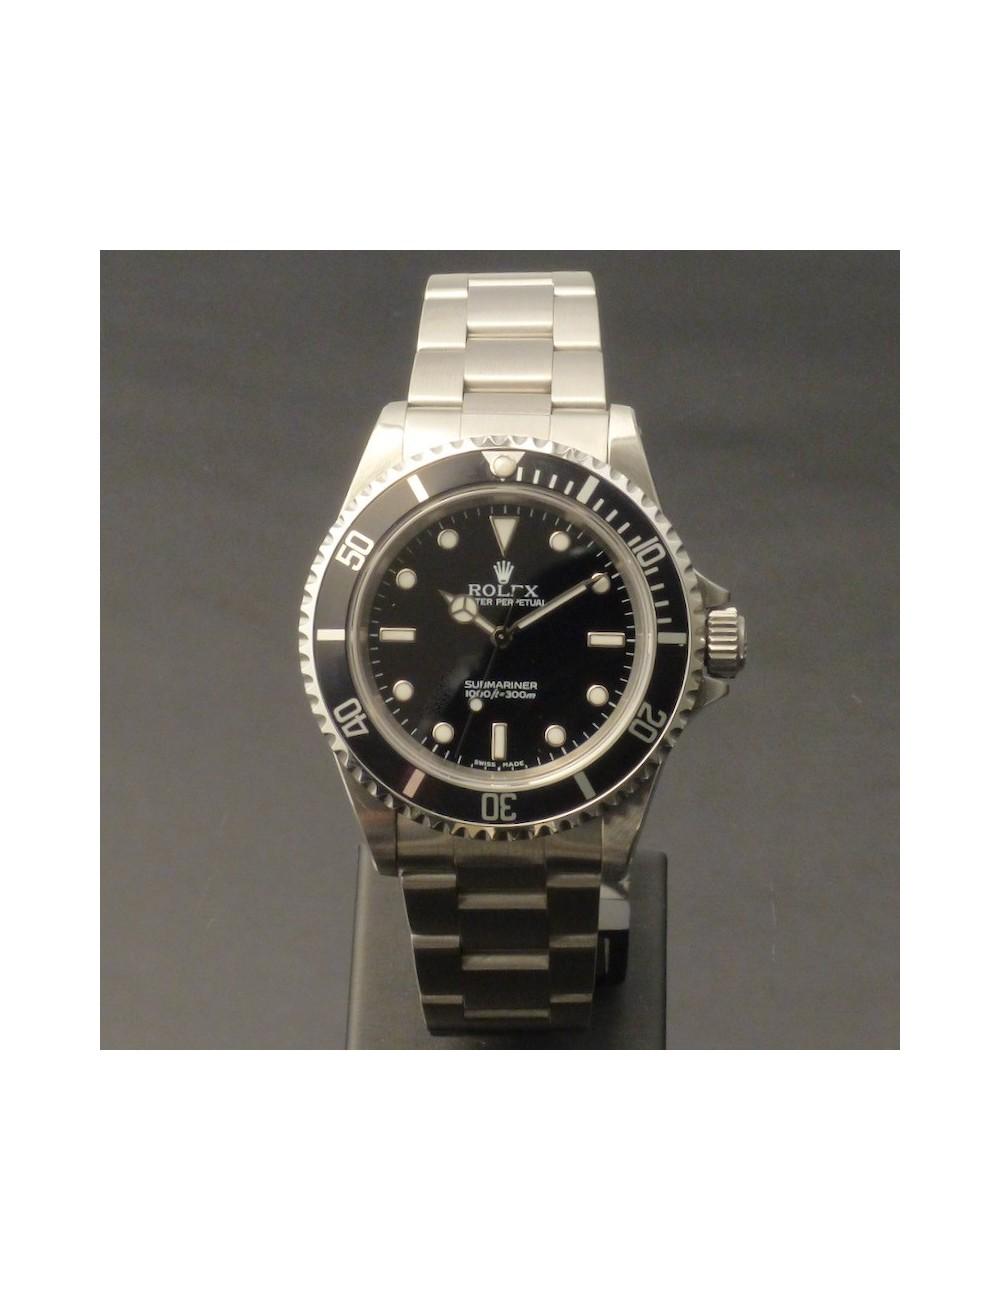 Rolex Submariner senza data anno 1999